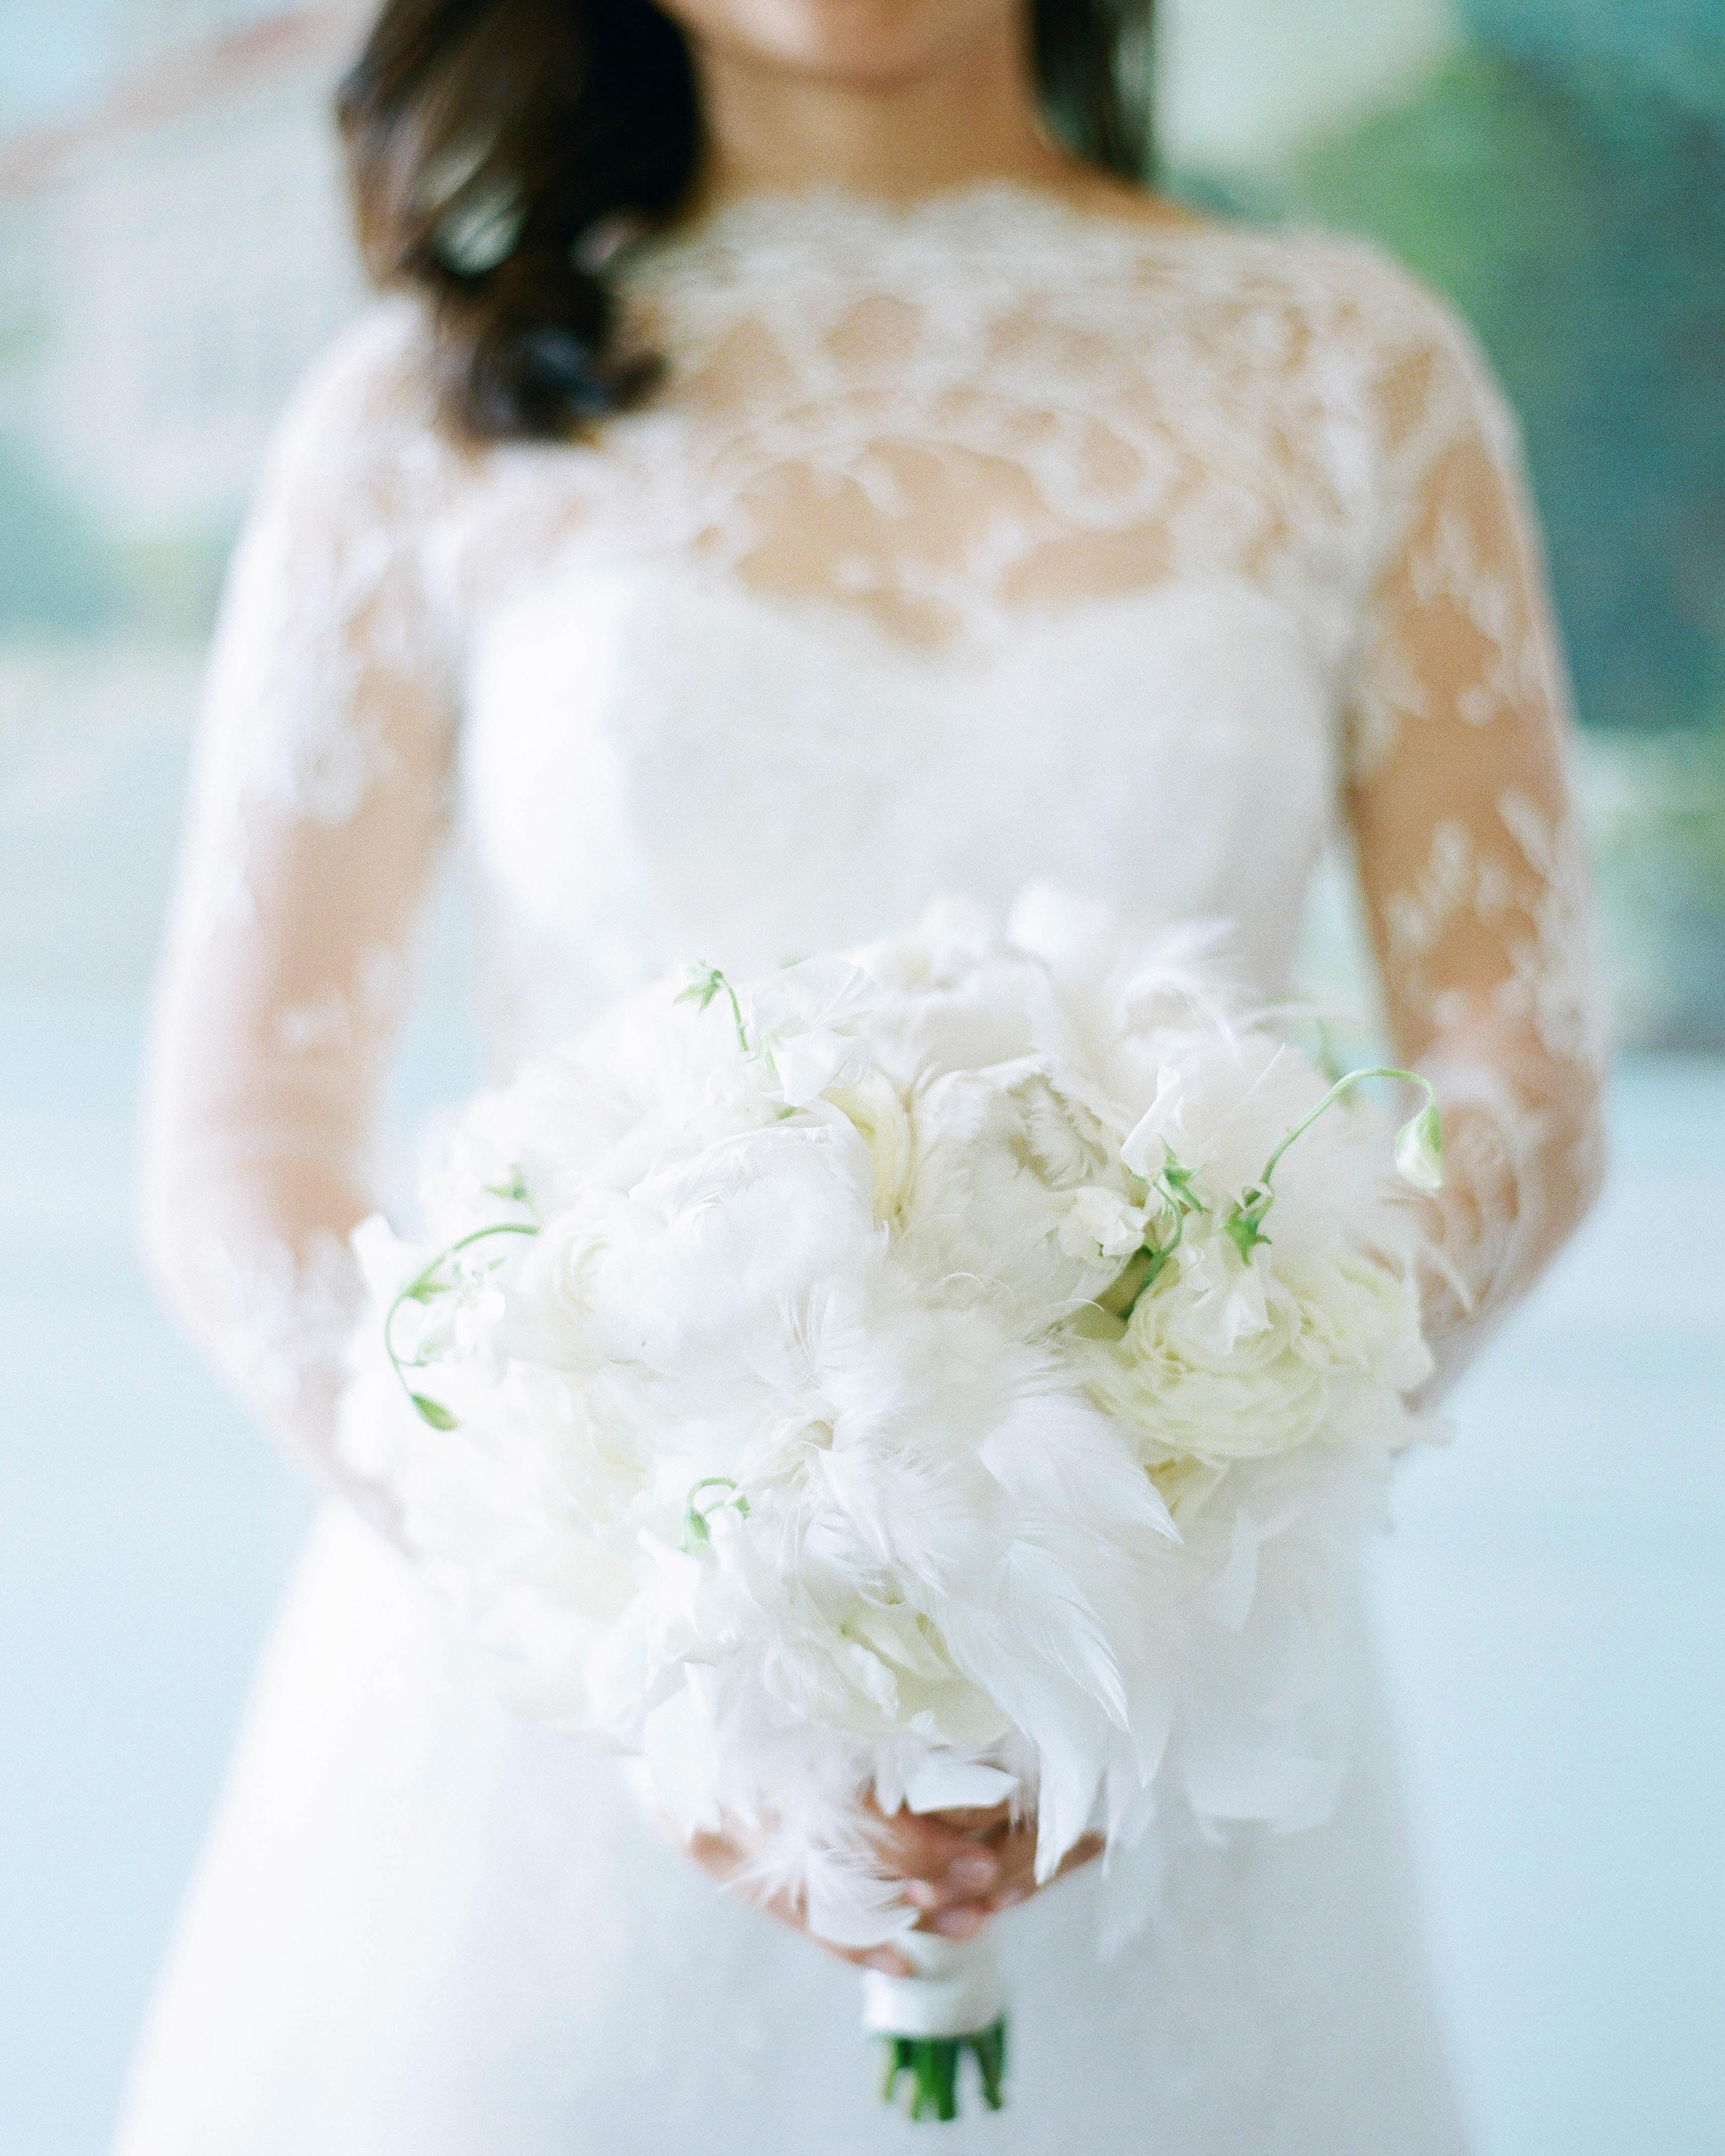 lissy-steven-wedding-newport-bouquet-30-elizabethmessina-s112907-0516.jpg